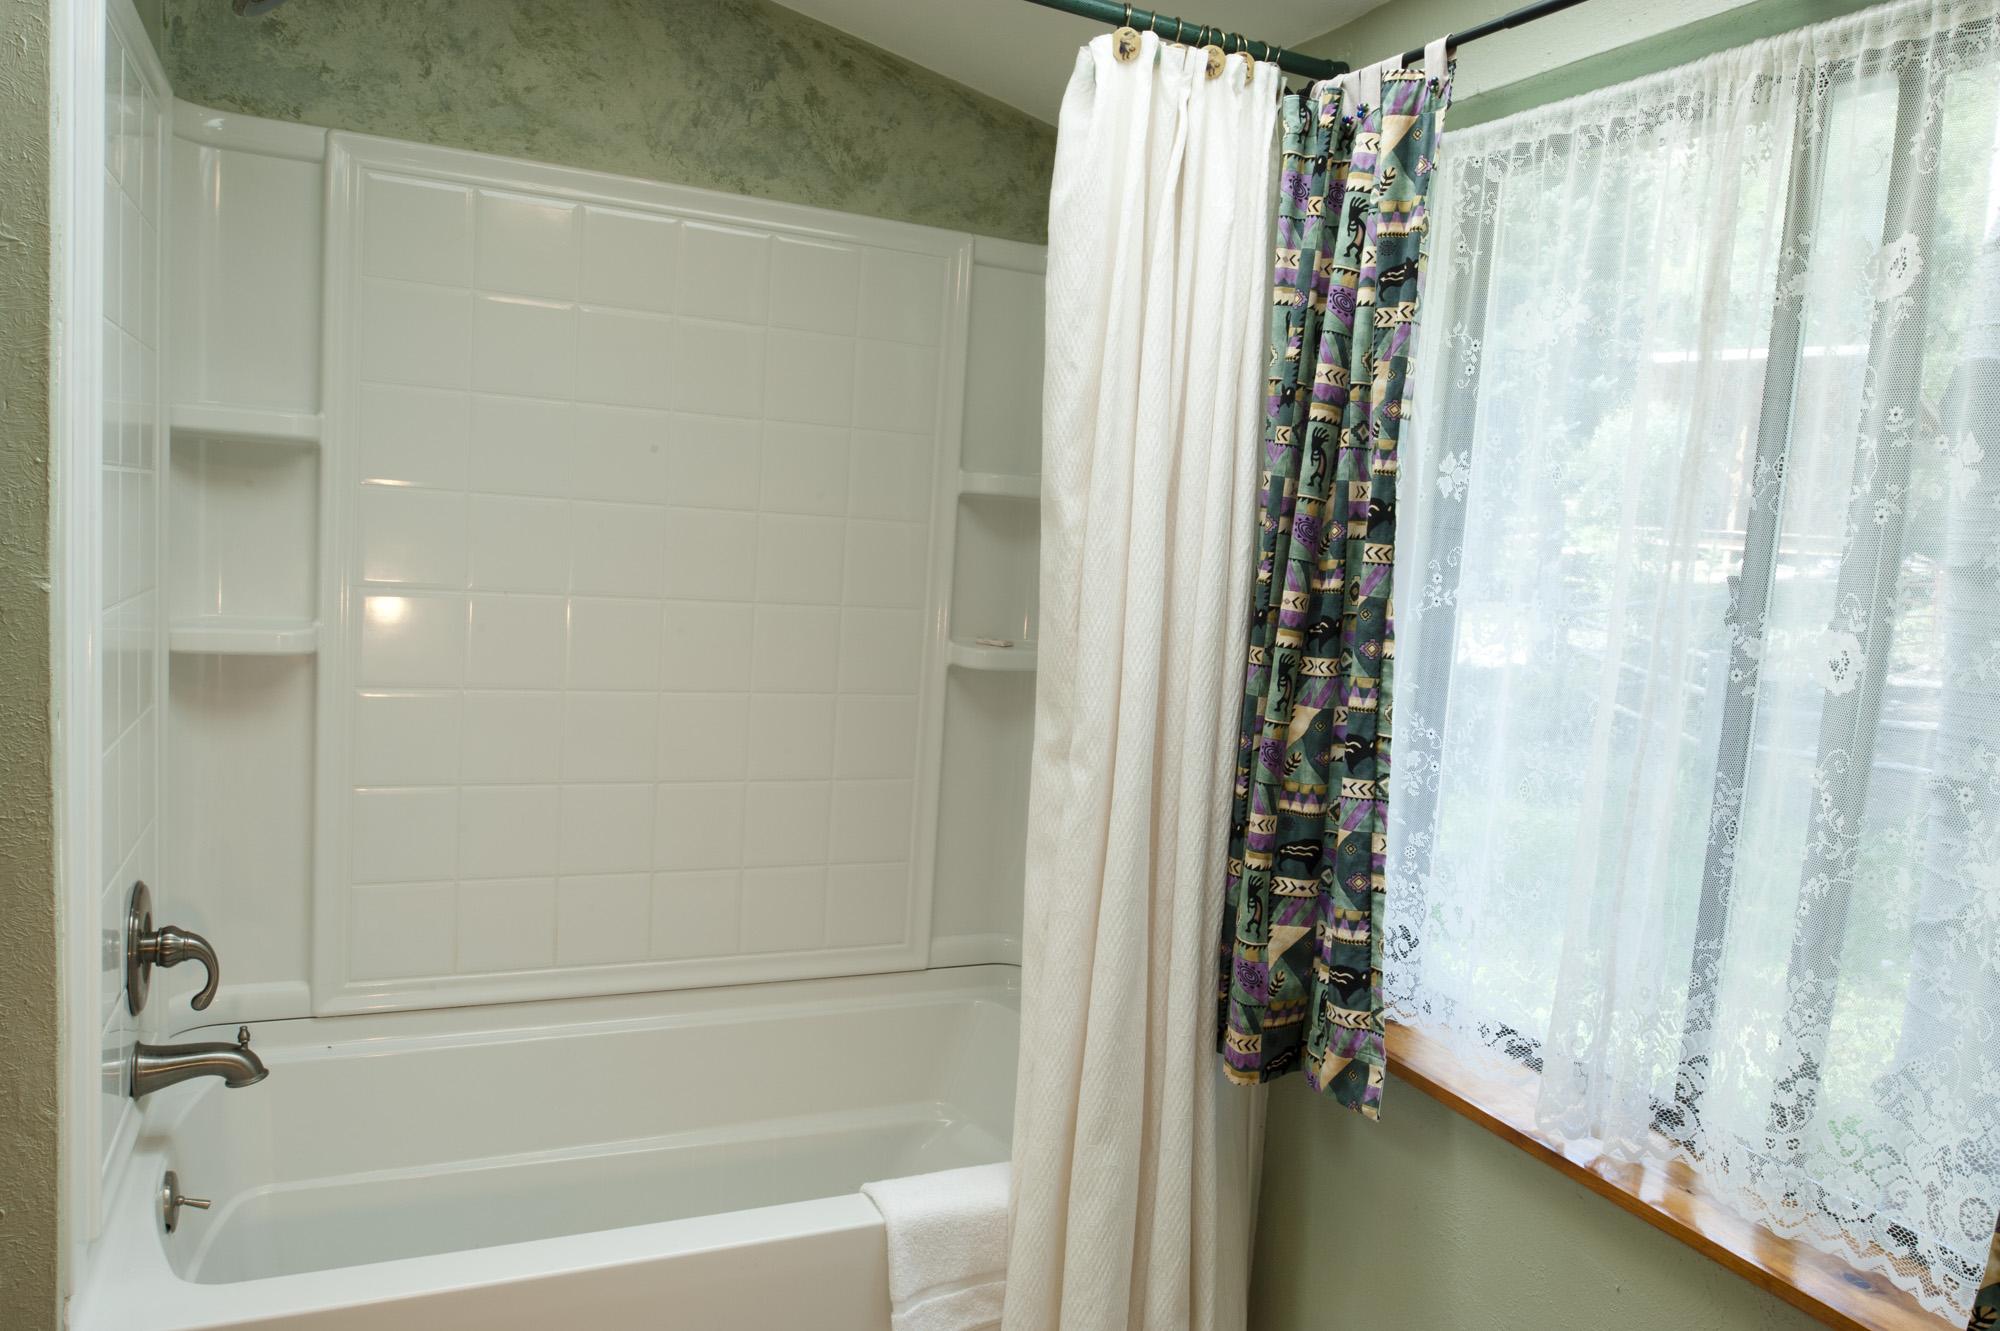 Chair_Mountain_RanchUpstairs-Bathroom2.jpg